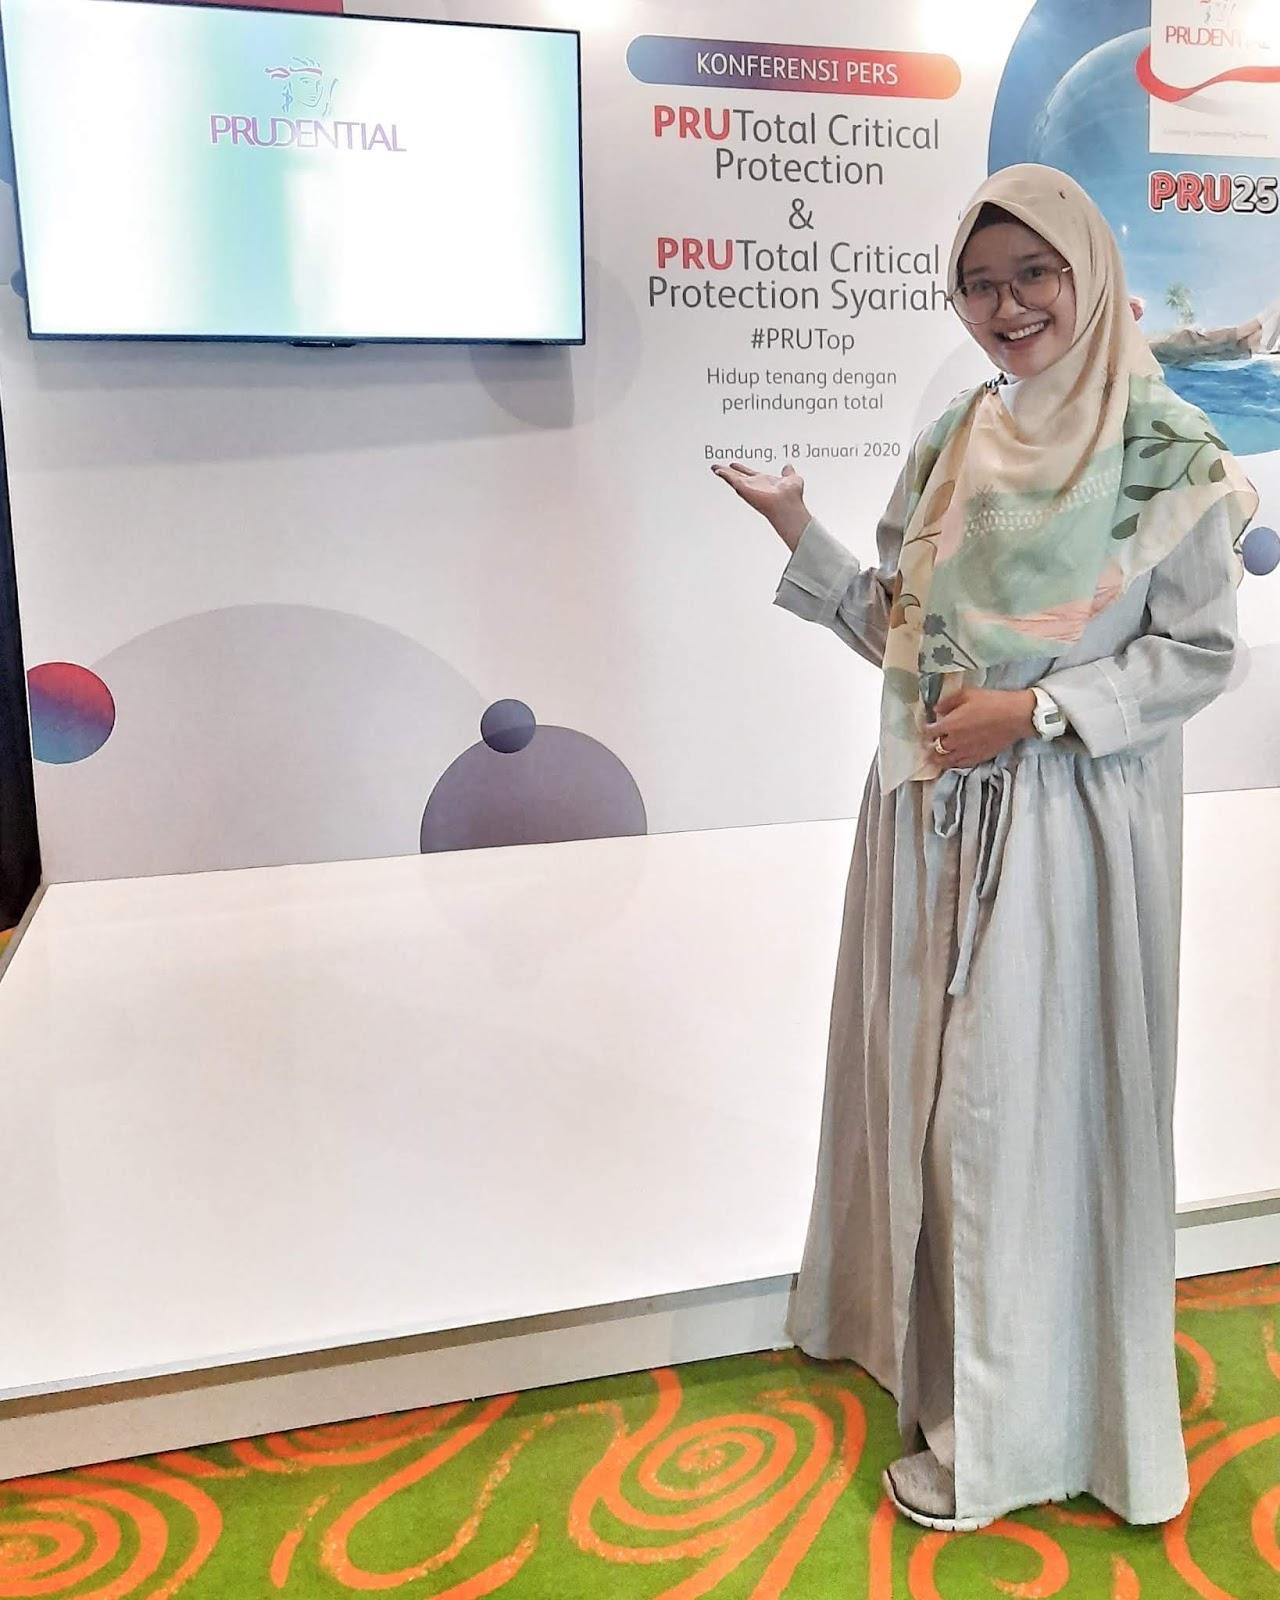 peluncuran PRUTop di Bandung, peluncuran PRUTop dan PRUTop Syariah di Bandung